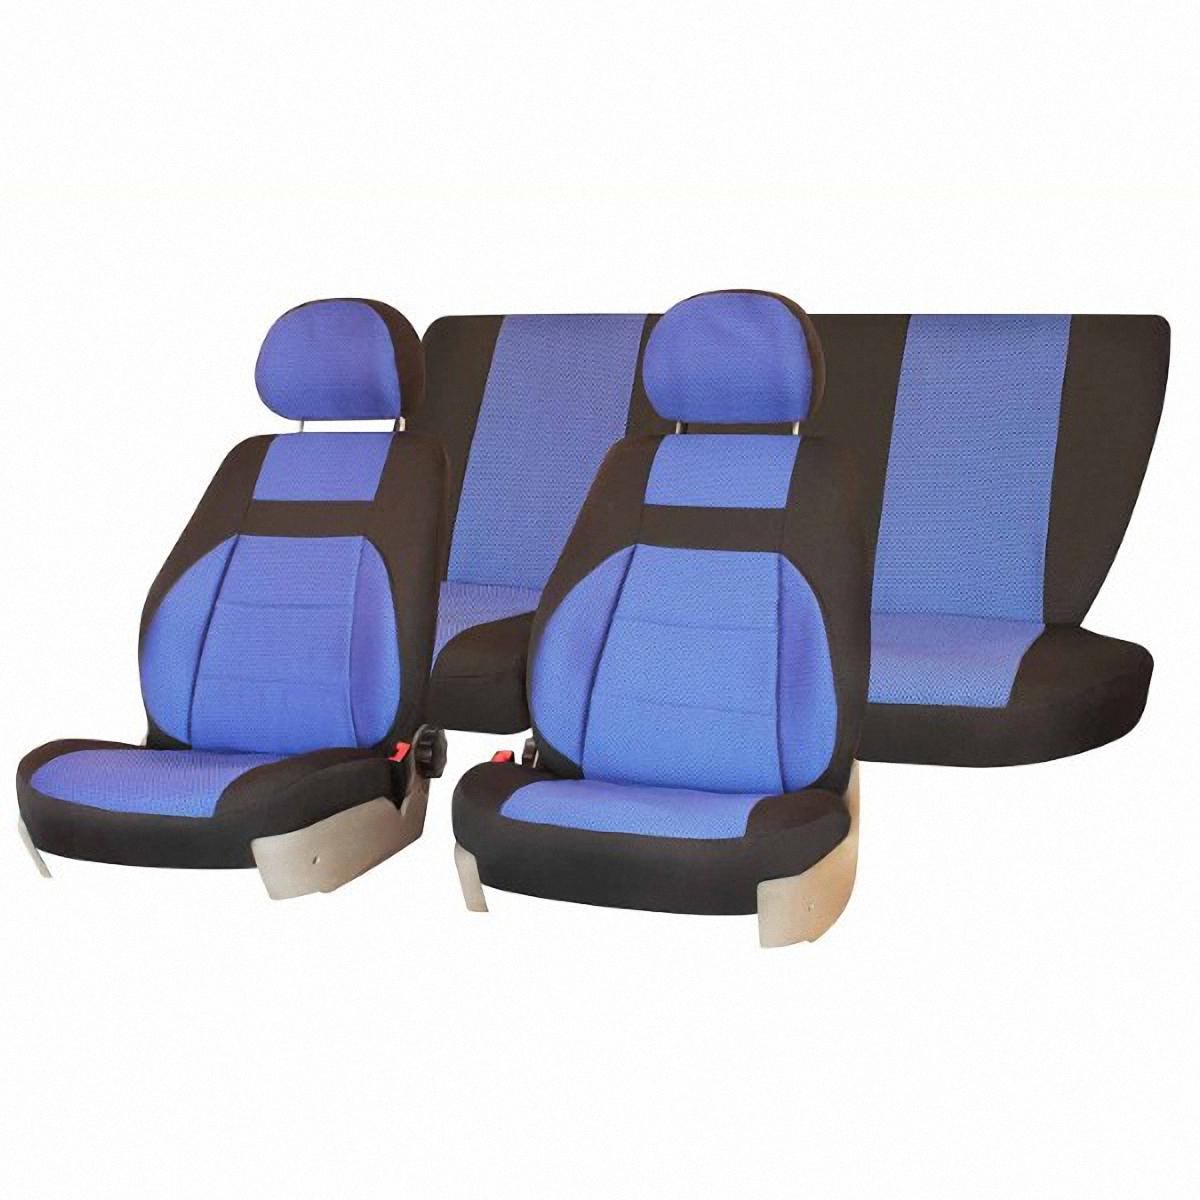 Фото - Чехлы автомобильные Skyway, для ВАЗ-2114/2115, цвет: синий чехлы для приставок